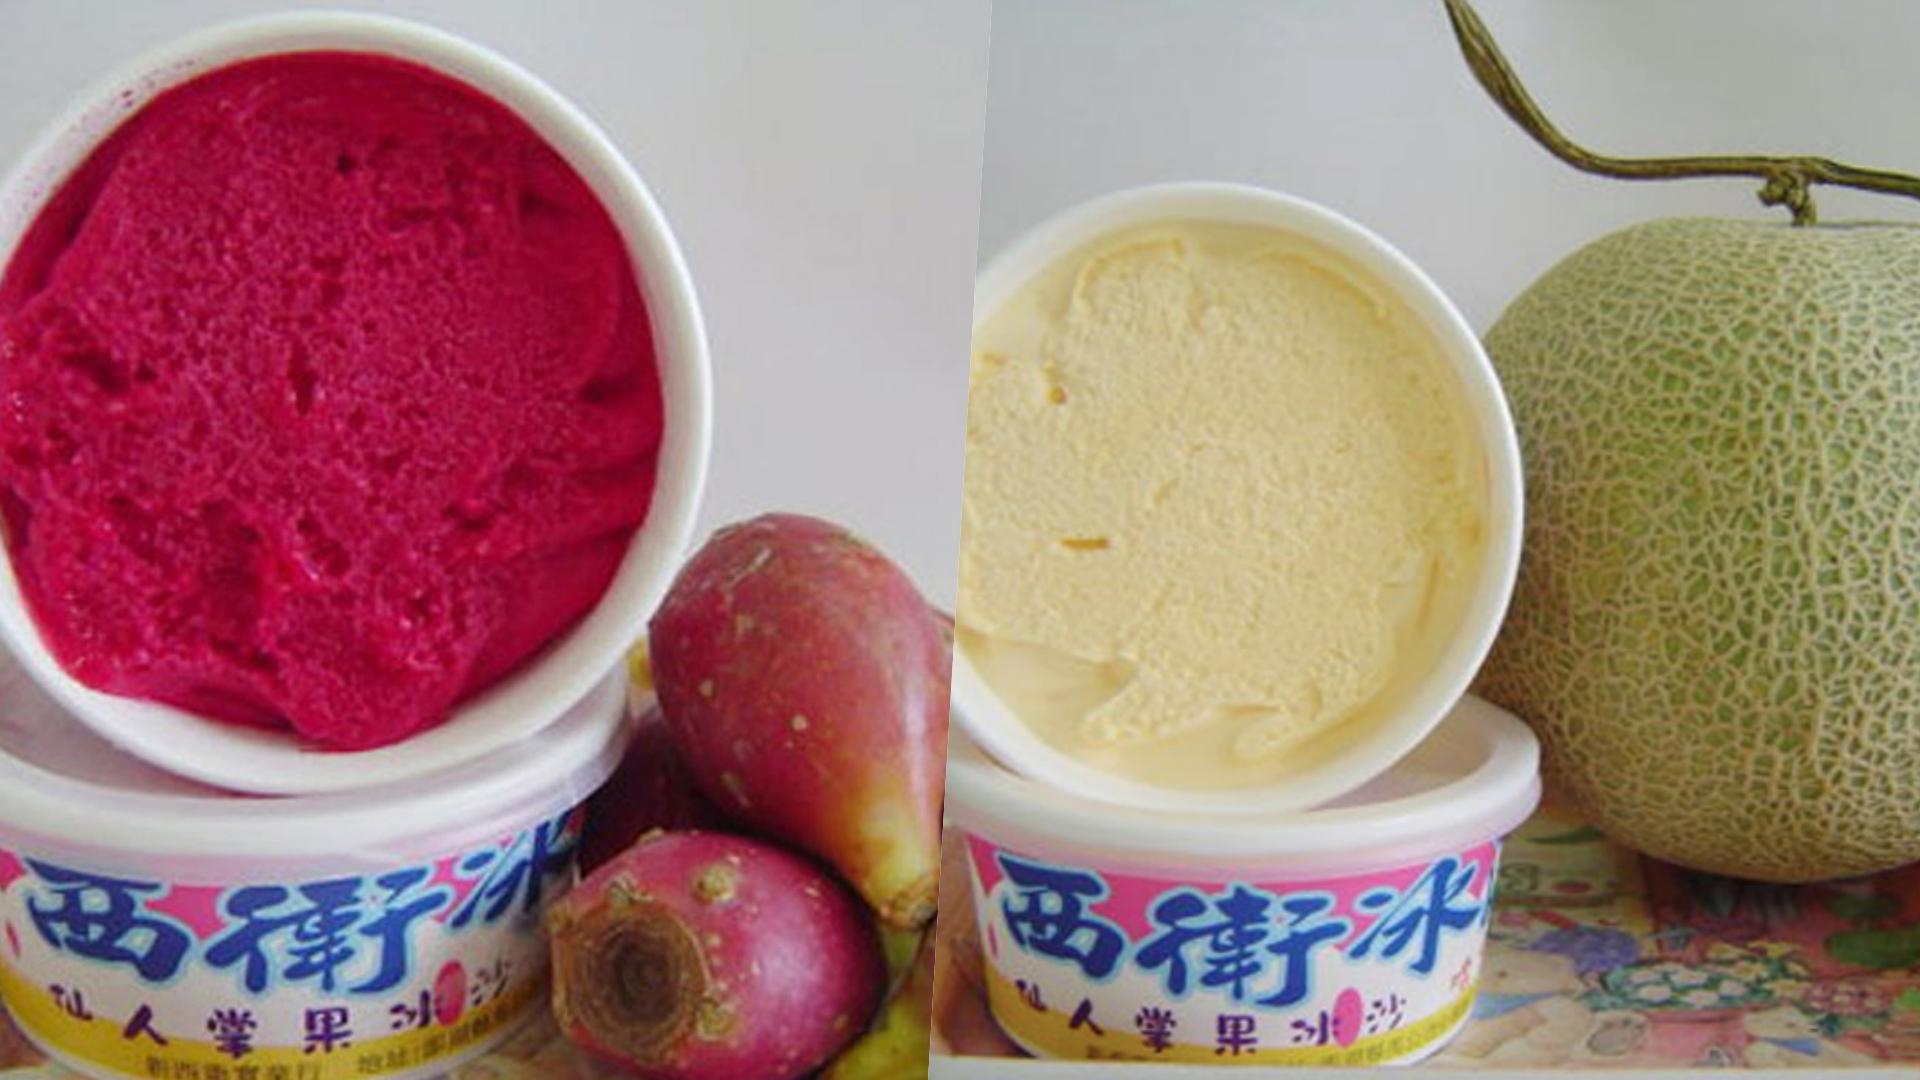 仙人掌果所做的冰沙顏色鮮紅,吃起來酸酸甜甜的,其特殊的口感清涼可口,現在已經是到澎湖遊玩的必吃!